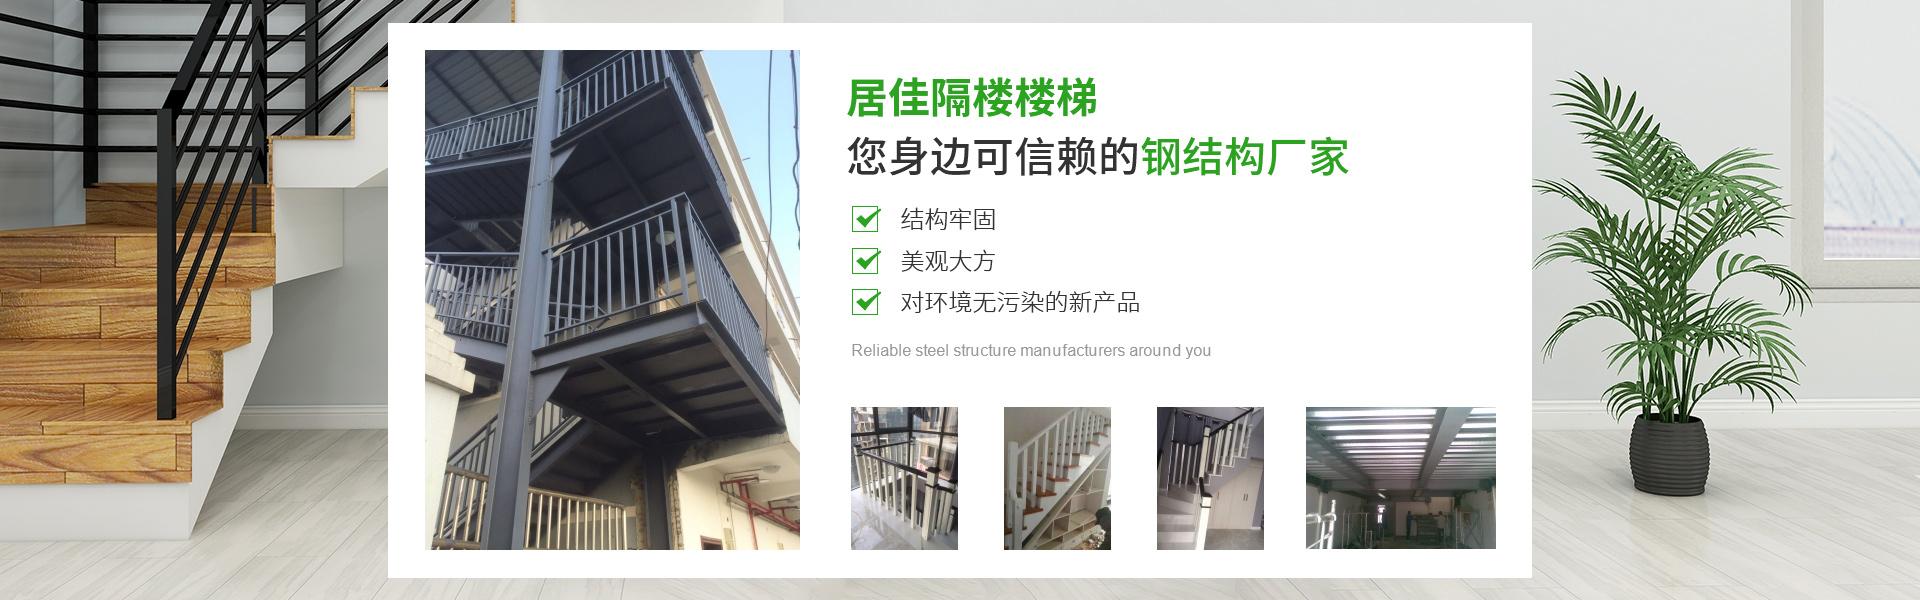 为什么越来越多的人选择重庆钢构楼梯?